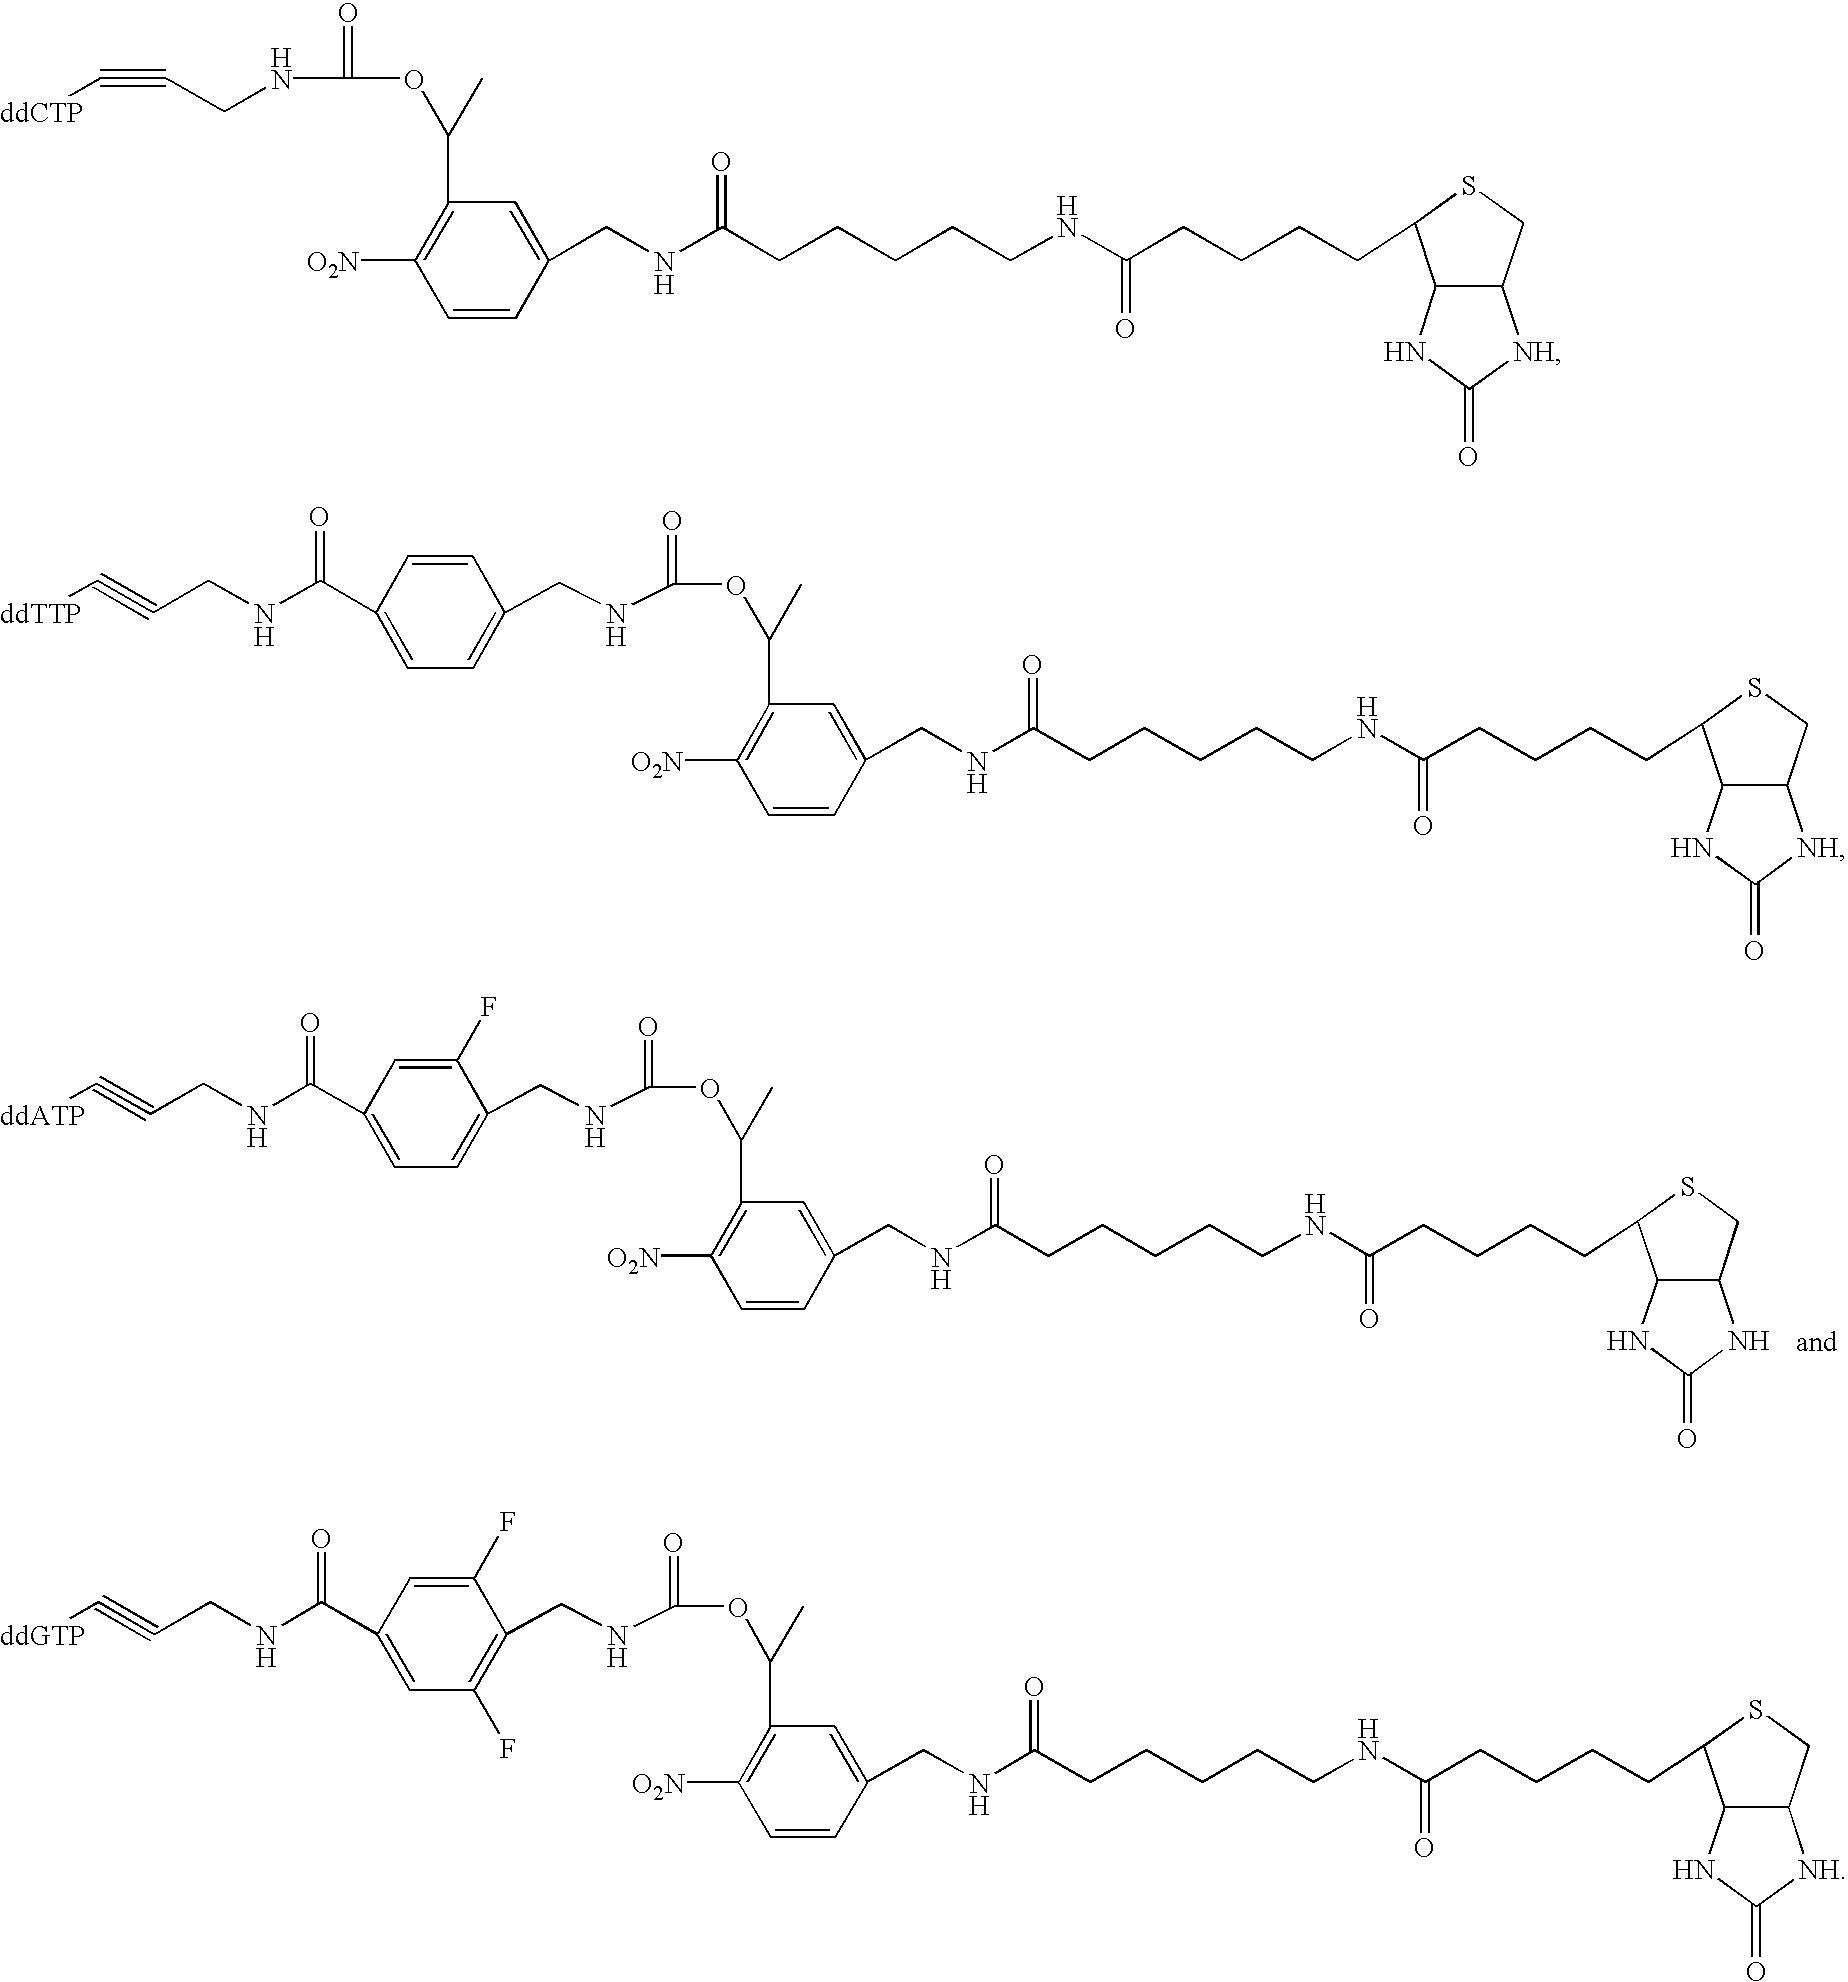 Figure US20030027140A1-20030206-C00021